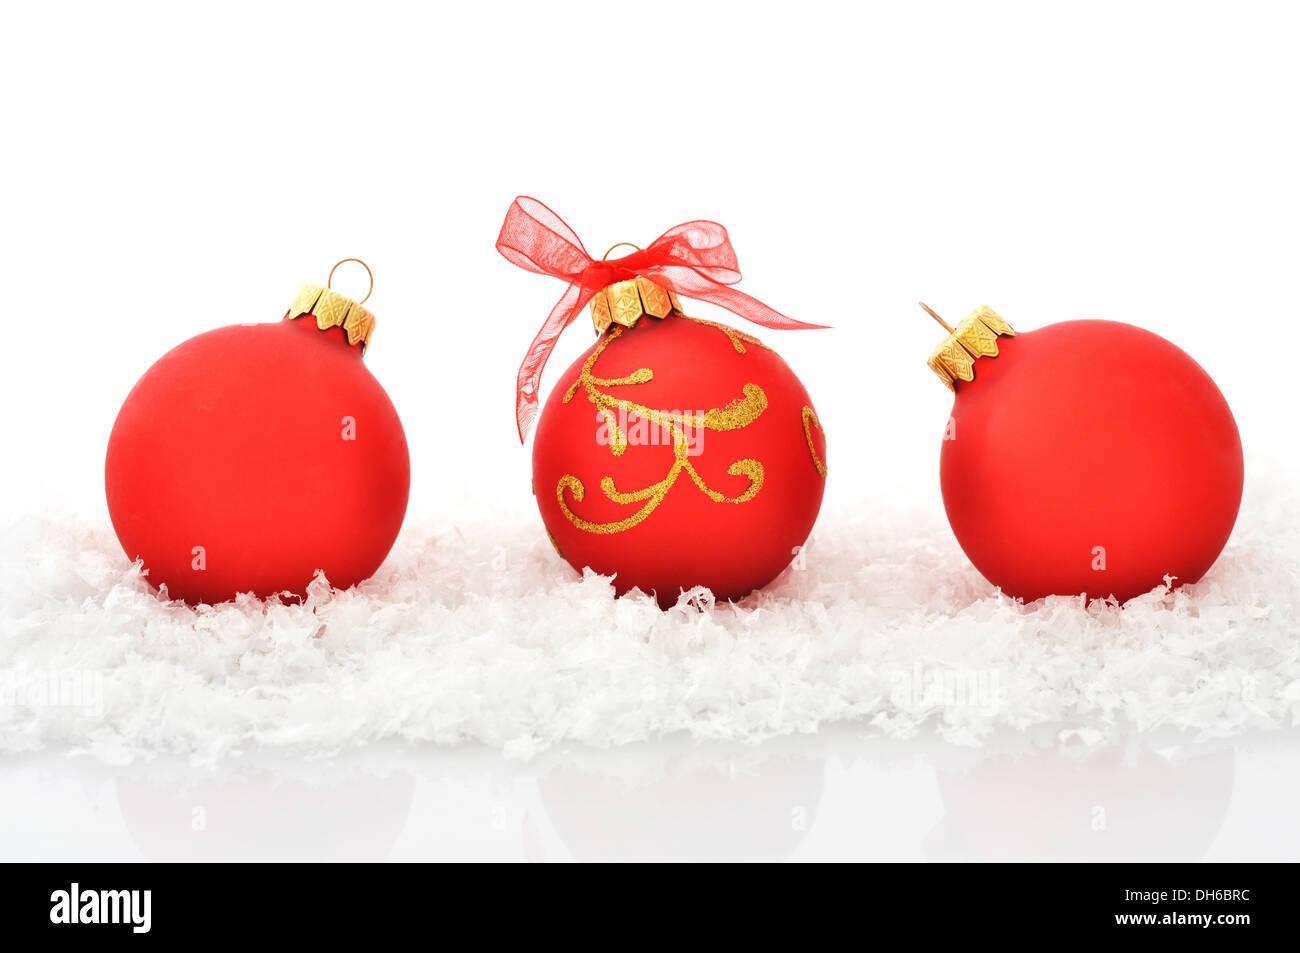 Weihnachtskugeln Weiß.Rote Weihnachtskugeln In Zeile Und Schnee Isoliert Auf Weiss